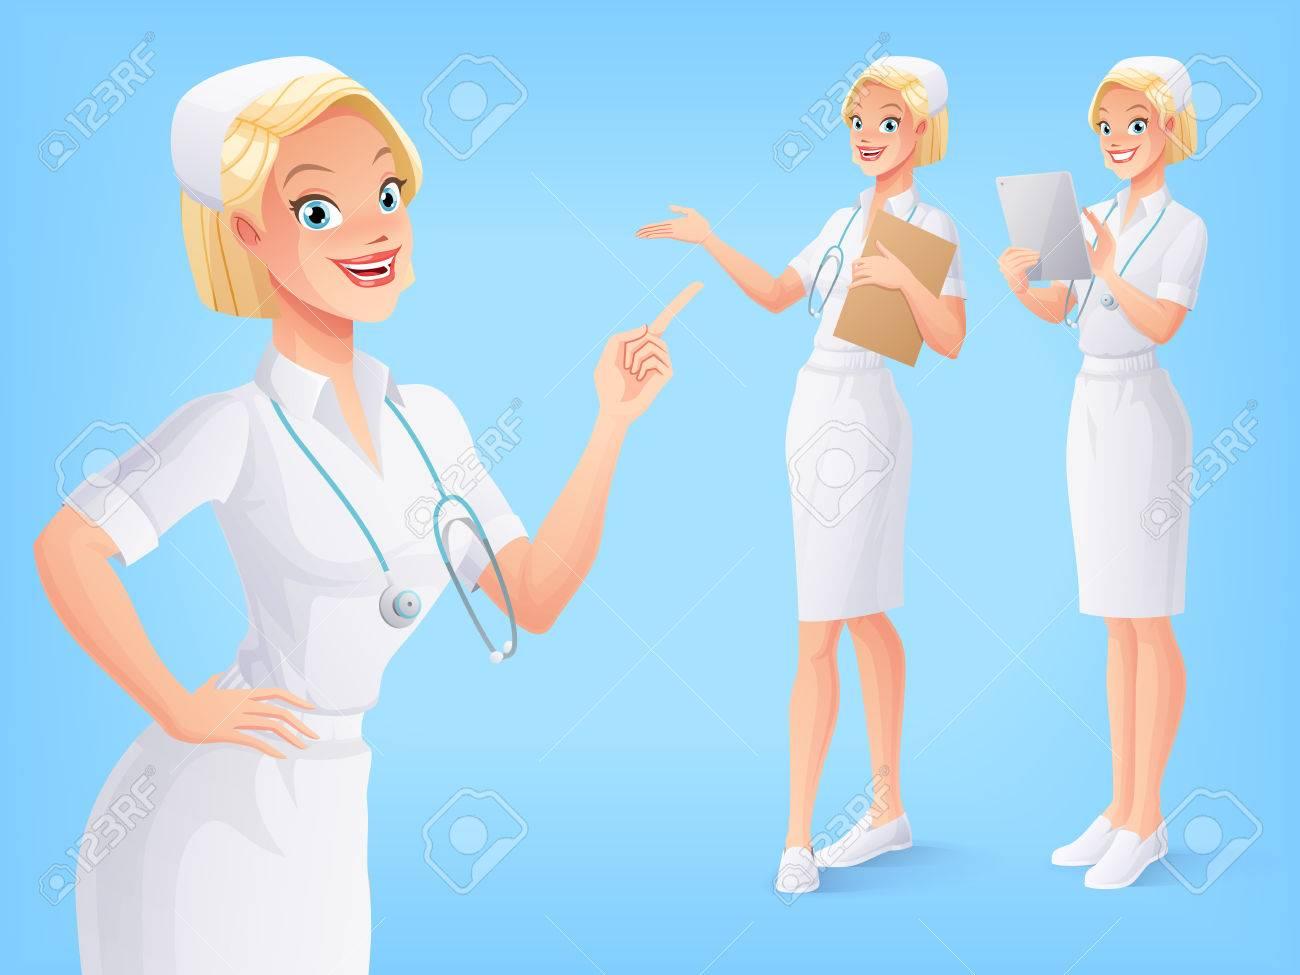 Enfermera Médica Sonriente Joven En El Uniforme Blanco Con El Estetoscopio En Varias Poses Un Conjunto De Caracteres Aislados Vector Del Estilo Del